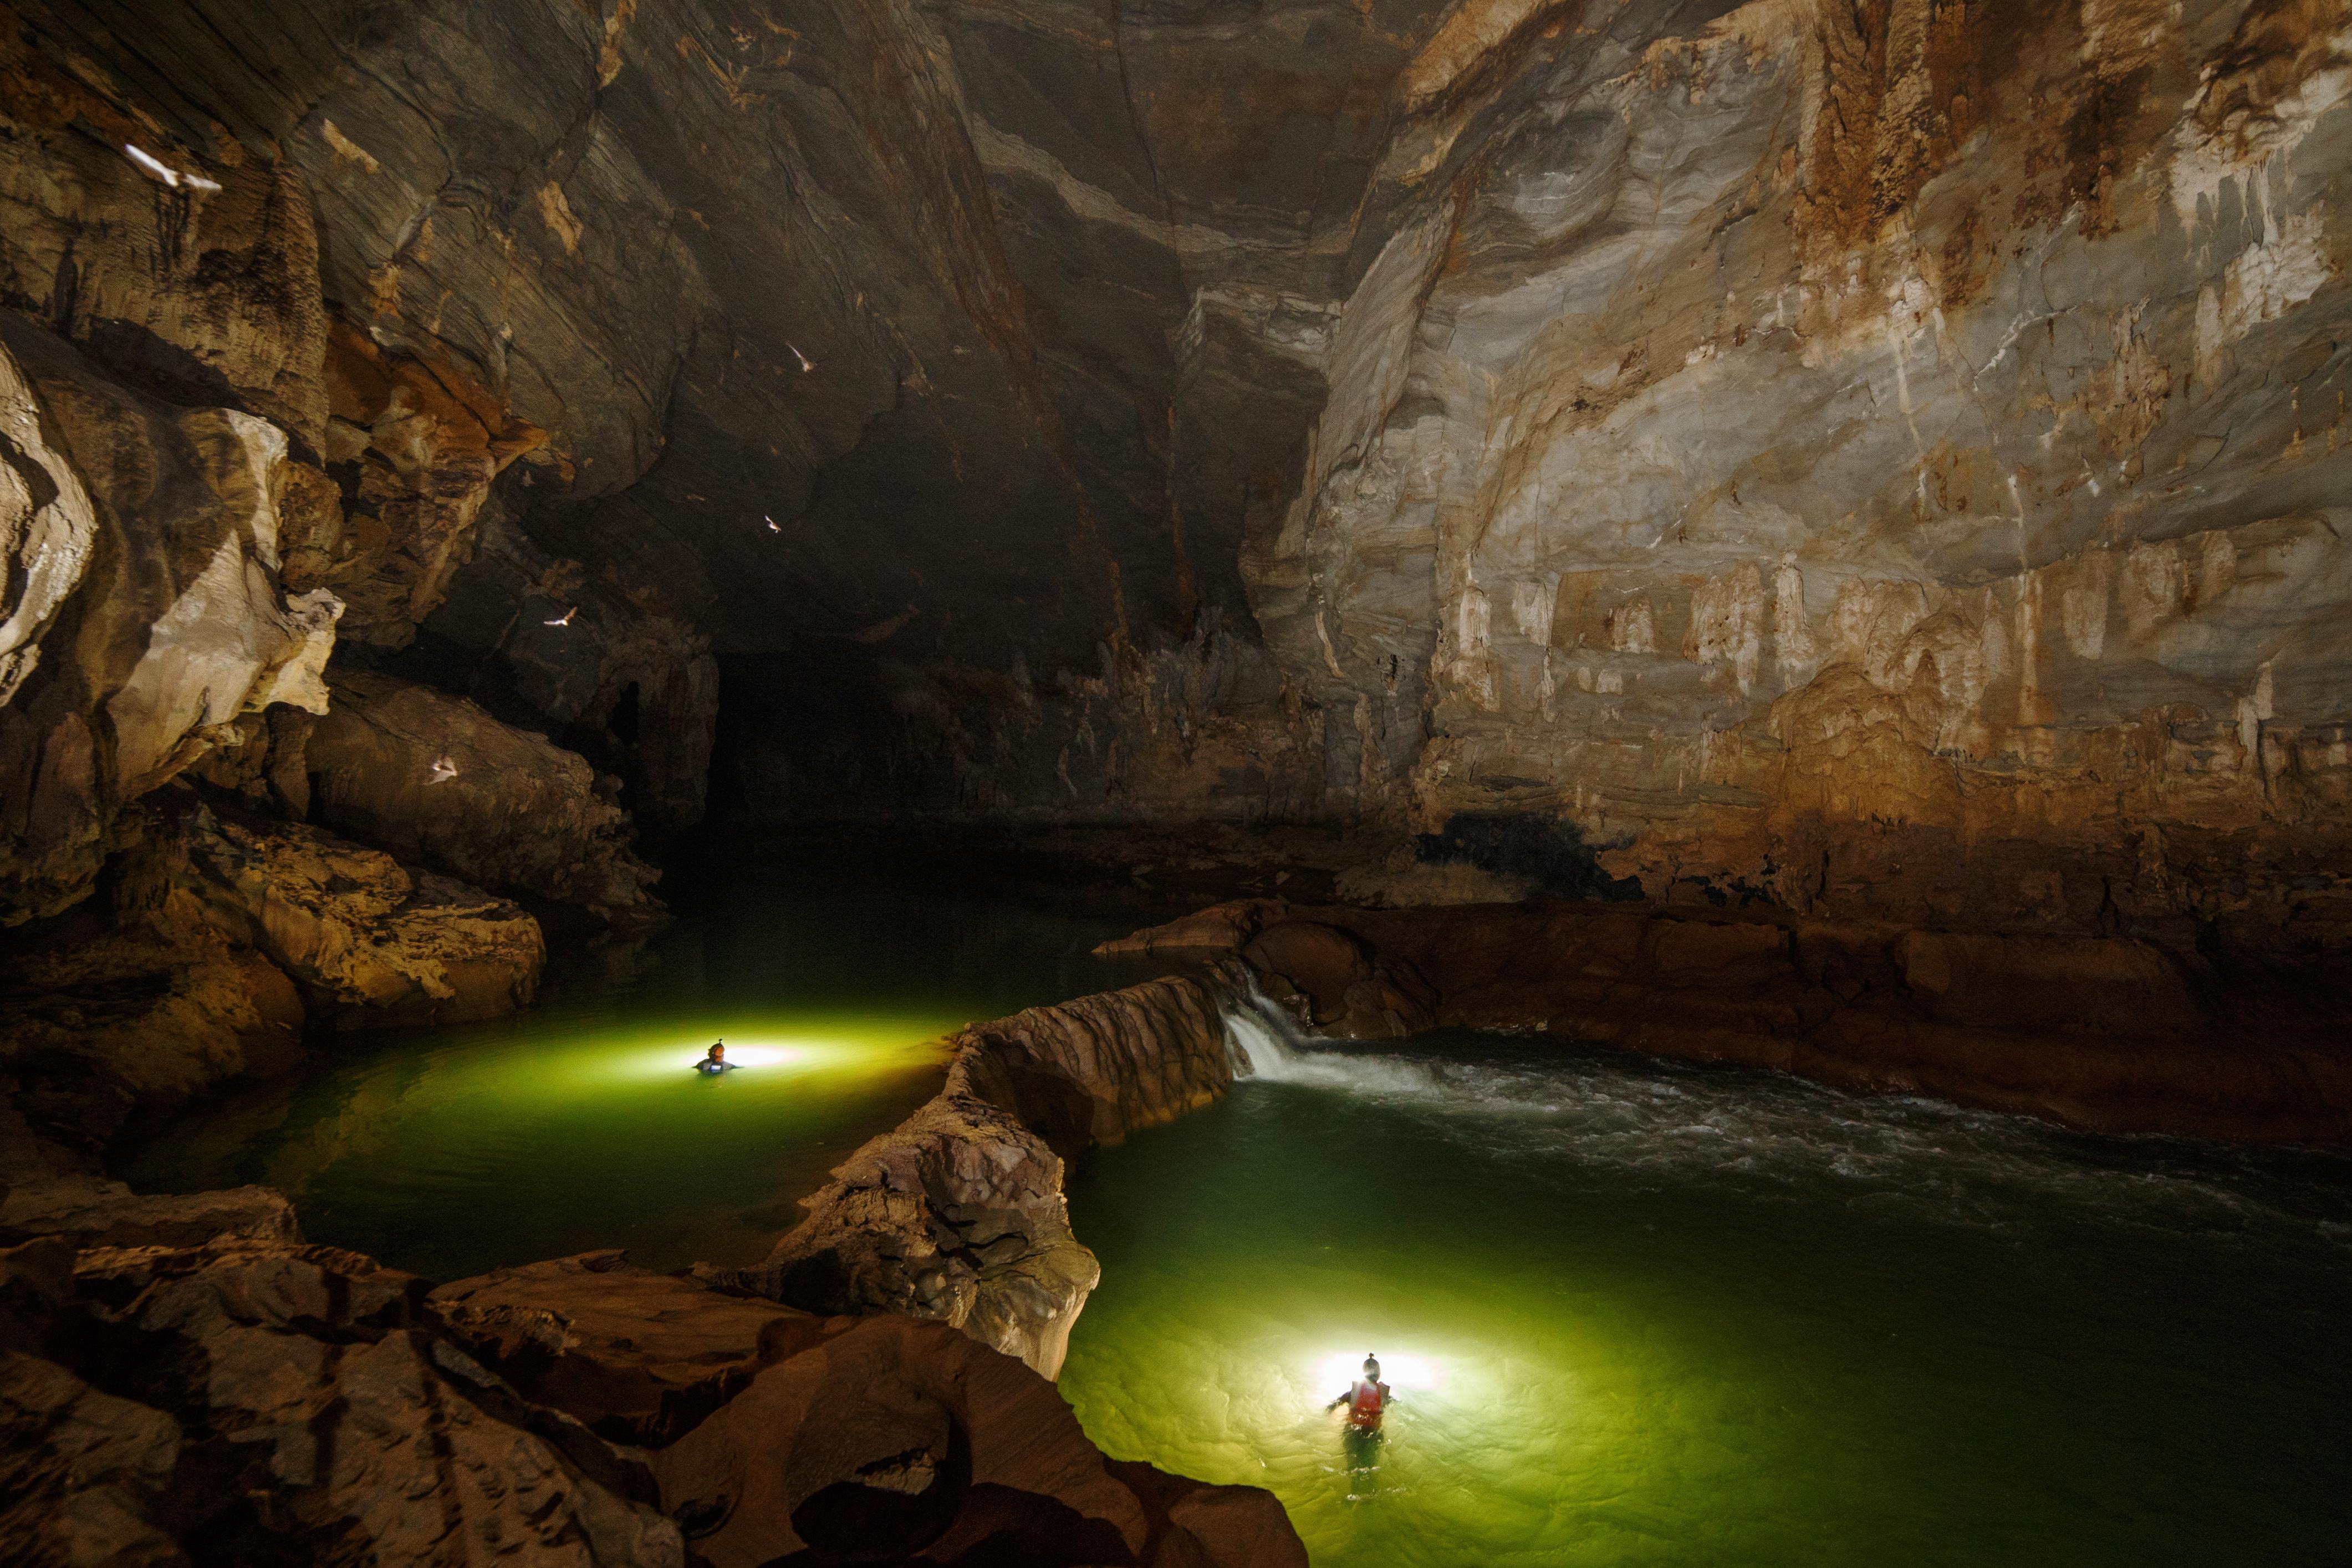 Không chỉ Sơn Đoòng, Quảng Bình còn có một hang động khác hoang sơ và đẹp đến ngạt thở! - Ảnh 12.